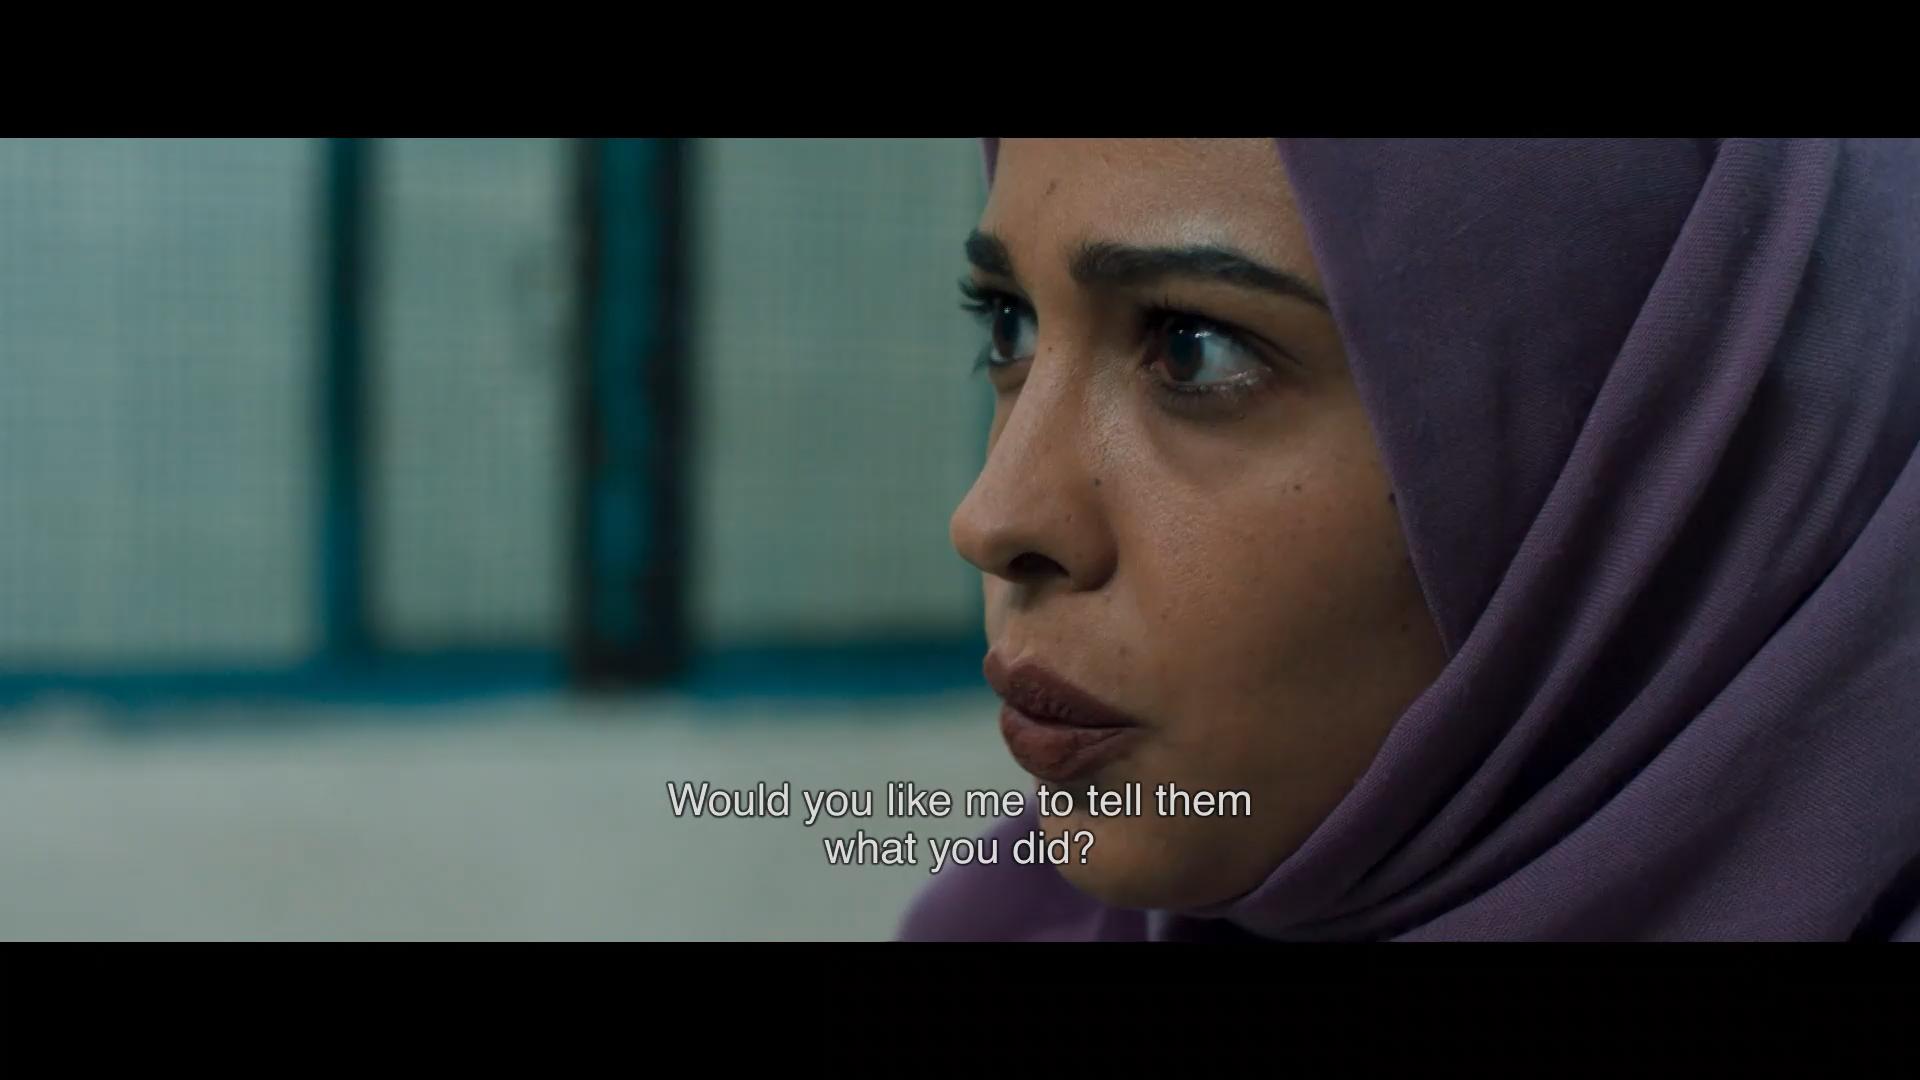 [فيلم][تورنت][تحميل][التقارير حول سارة وسليم][2018][1080p][Web-DL][فلسطيني] 7 arabp2p.com